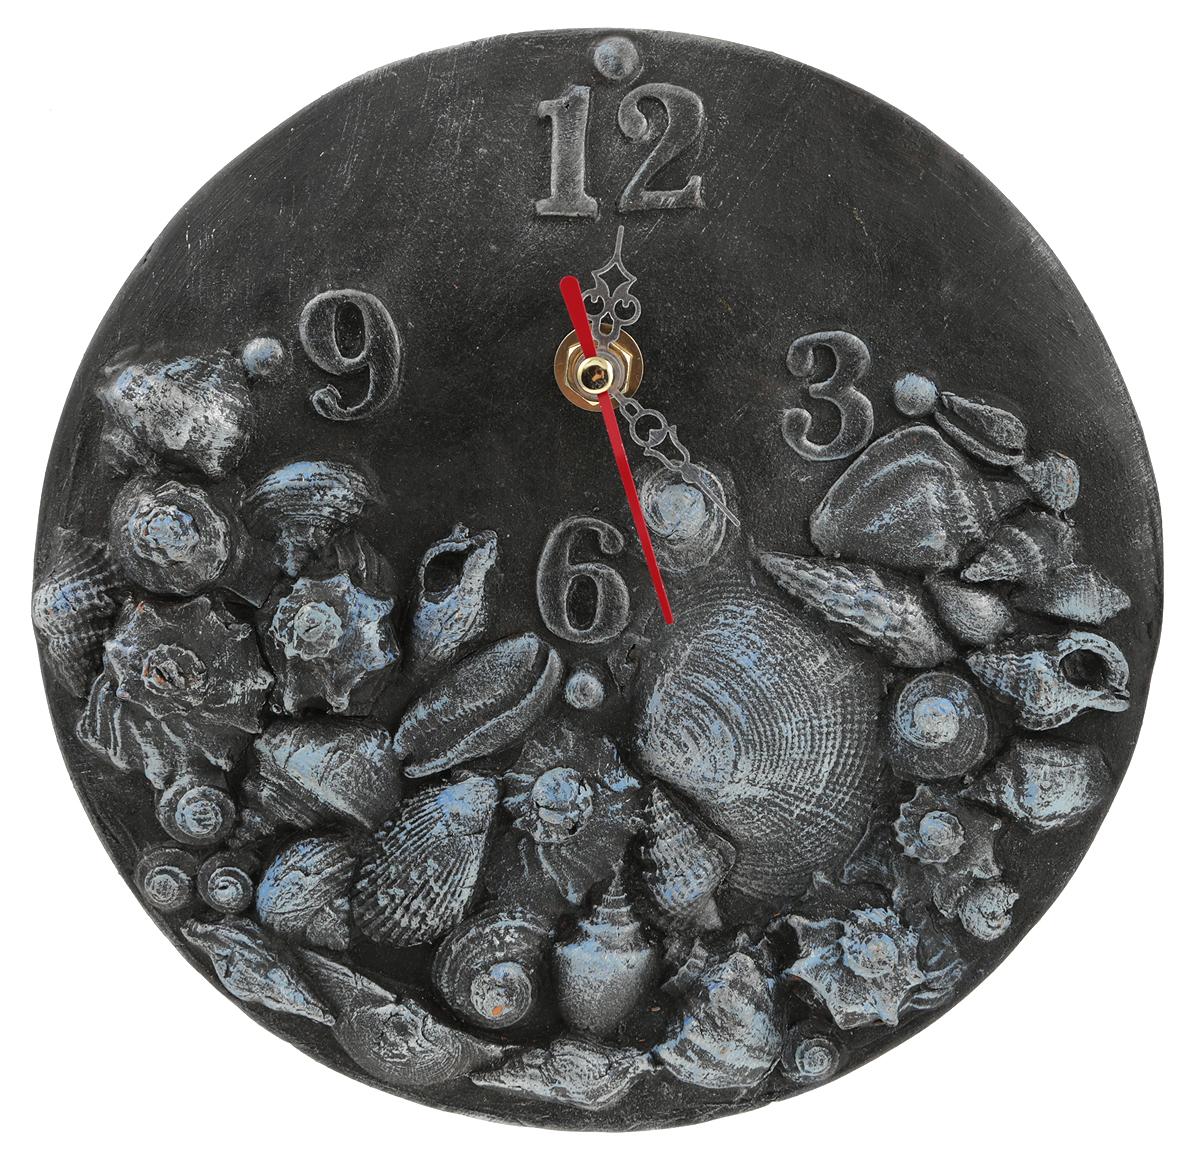 """Керамика, акрил, часовой механизм. Диаметр: 20 см. Автор - Никифоров Павел. Часы """"Воспоминание"""" - эта уникальная авторская вещь хранит творческую энергию создателя, и,   получив ее в домашнюю коллекцию, Вы ощутите не только гордость обладателя раритета, но и   чувство сопричастности тому мгновению, в которое родилось произведение и наглядно   убедитесь, что миг неповторим!   Уважаемые клиенты! Изделие, выполненное под заказ, может незначительно отличаться от фотографии, общий вид остается."""